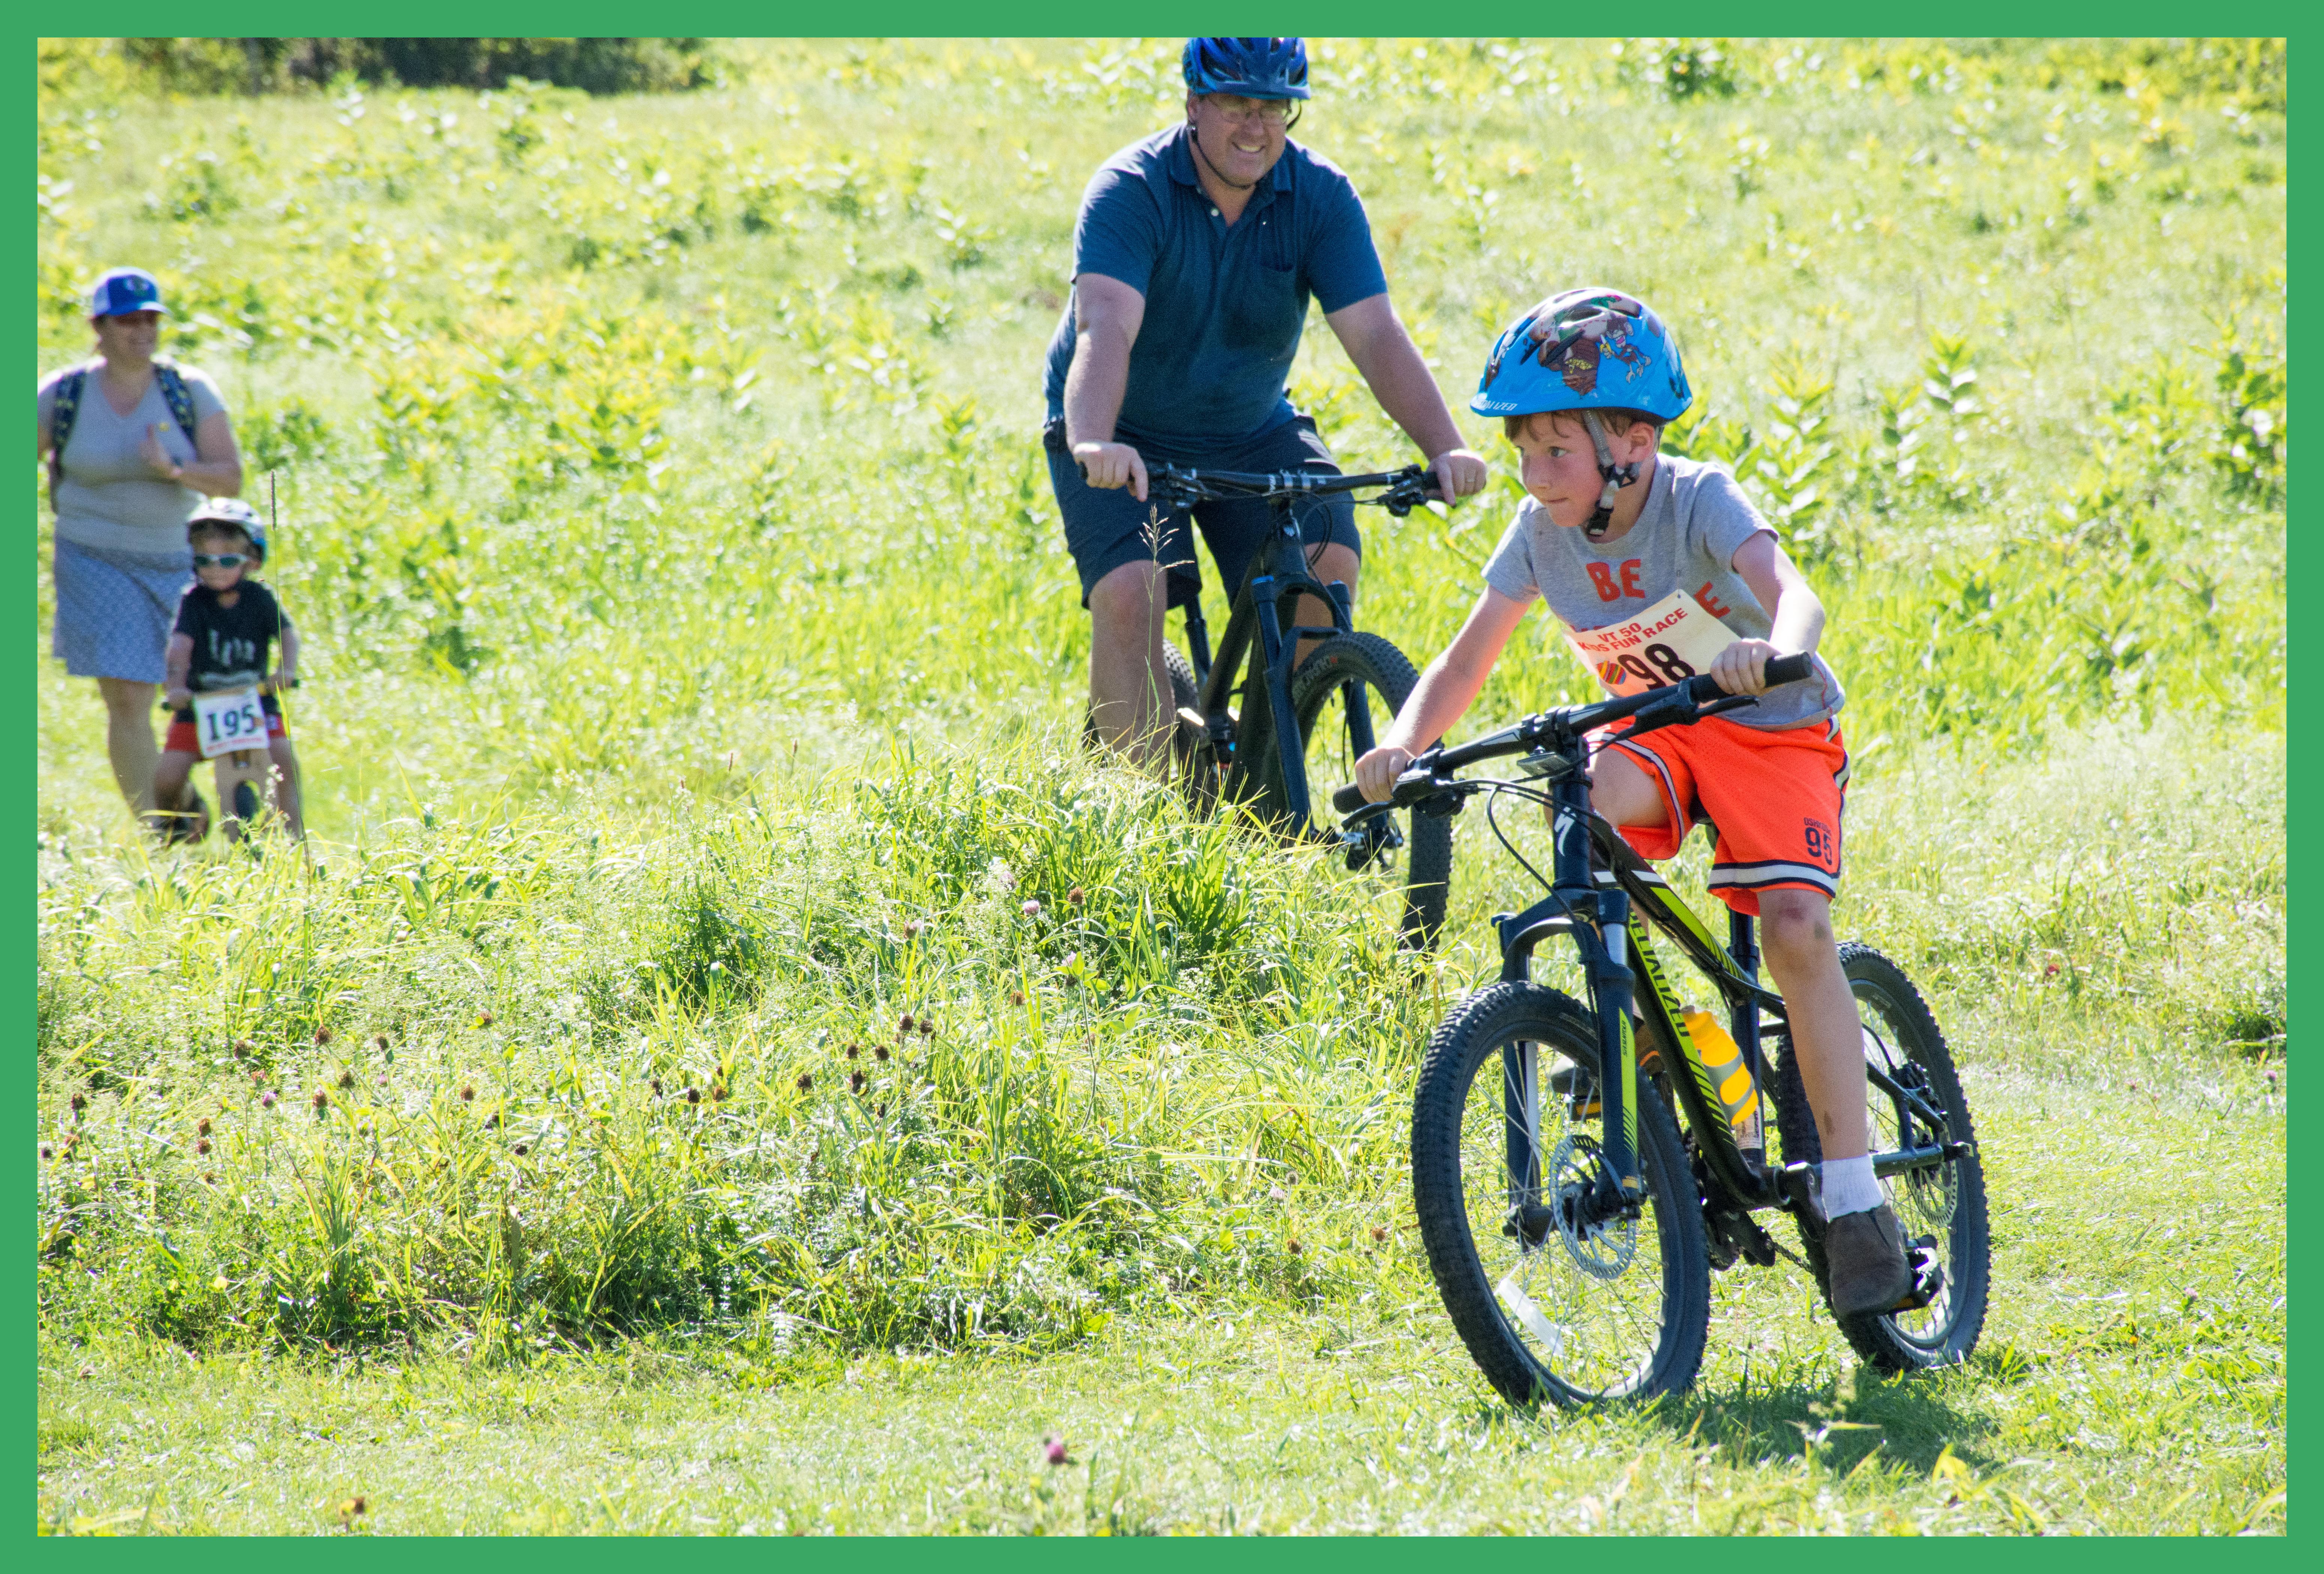 vermont-50-kids-fun-run-bike-ride-information